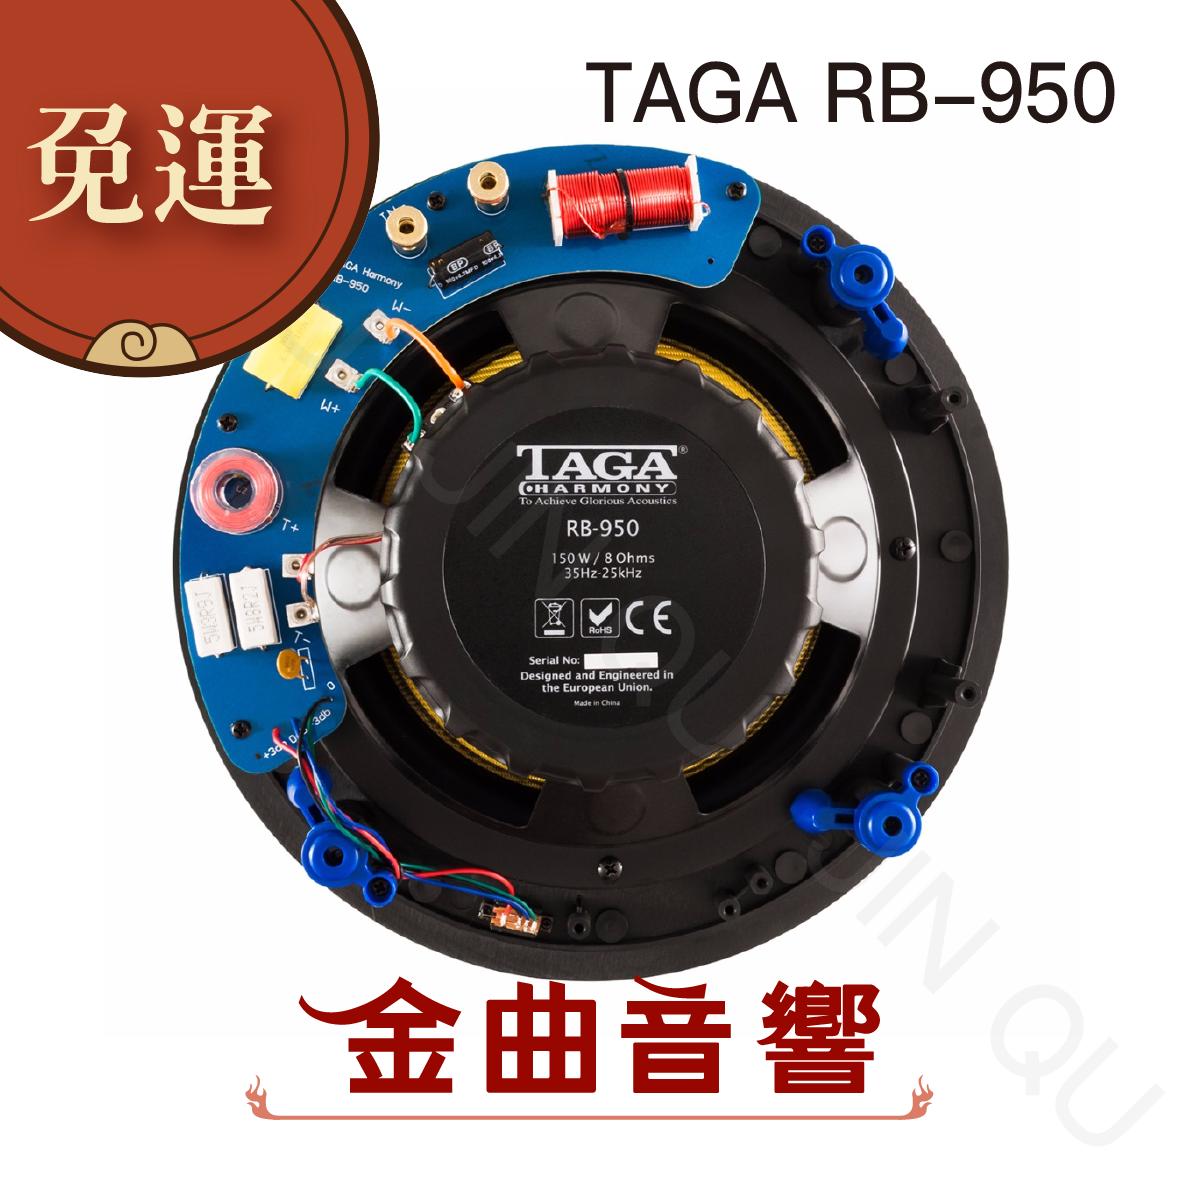 現貨 TAGA 波蘭 RB-950 15度揚角設計 嵌入式 揚聲器 喇叭 吸頂 音響 (支) | 金曲音響